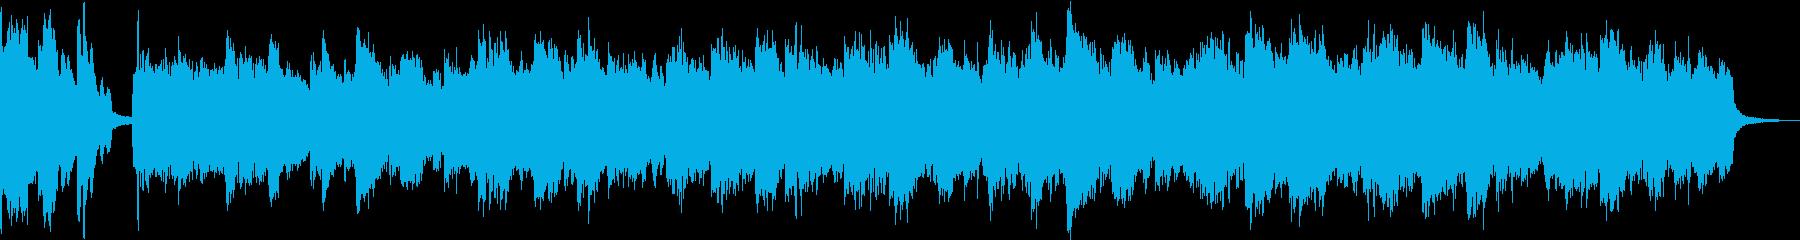 壮大・感動・儚く透明感オーケストラBGMの再生済みの波形